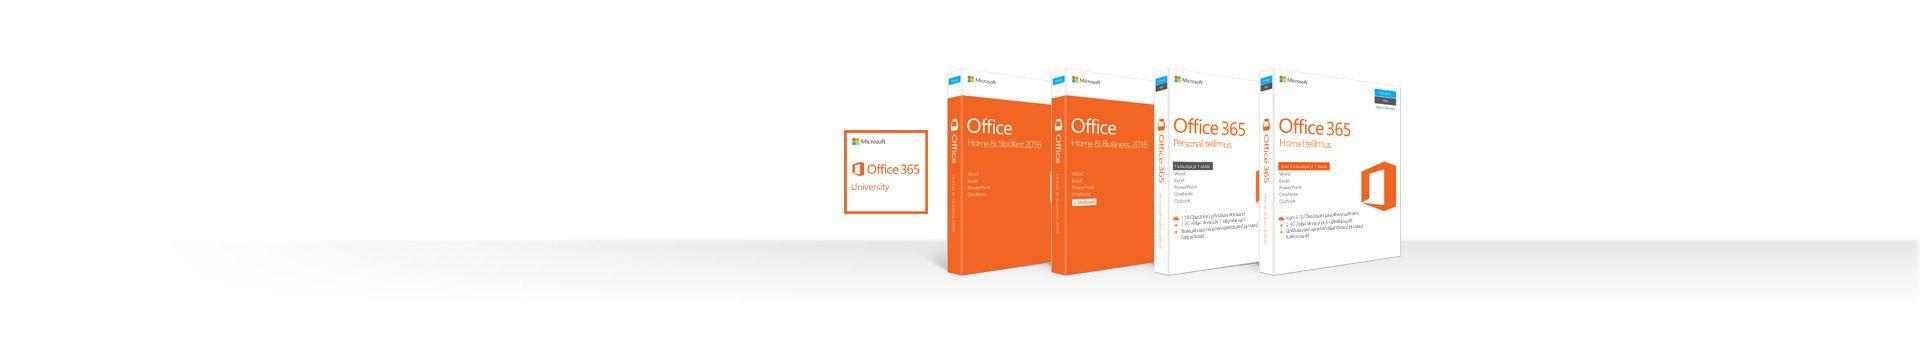 Mac-arvutite jaoks ette nähtud Office 2016 ja Office 365 toodetega karpide rida